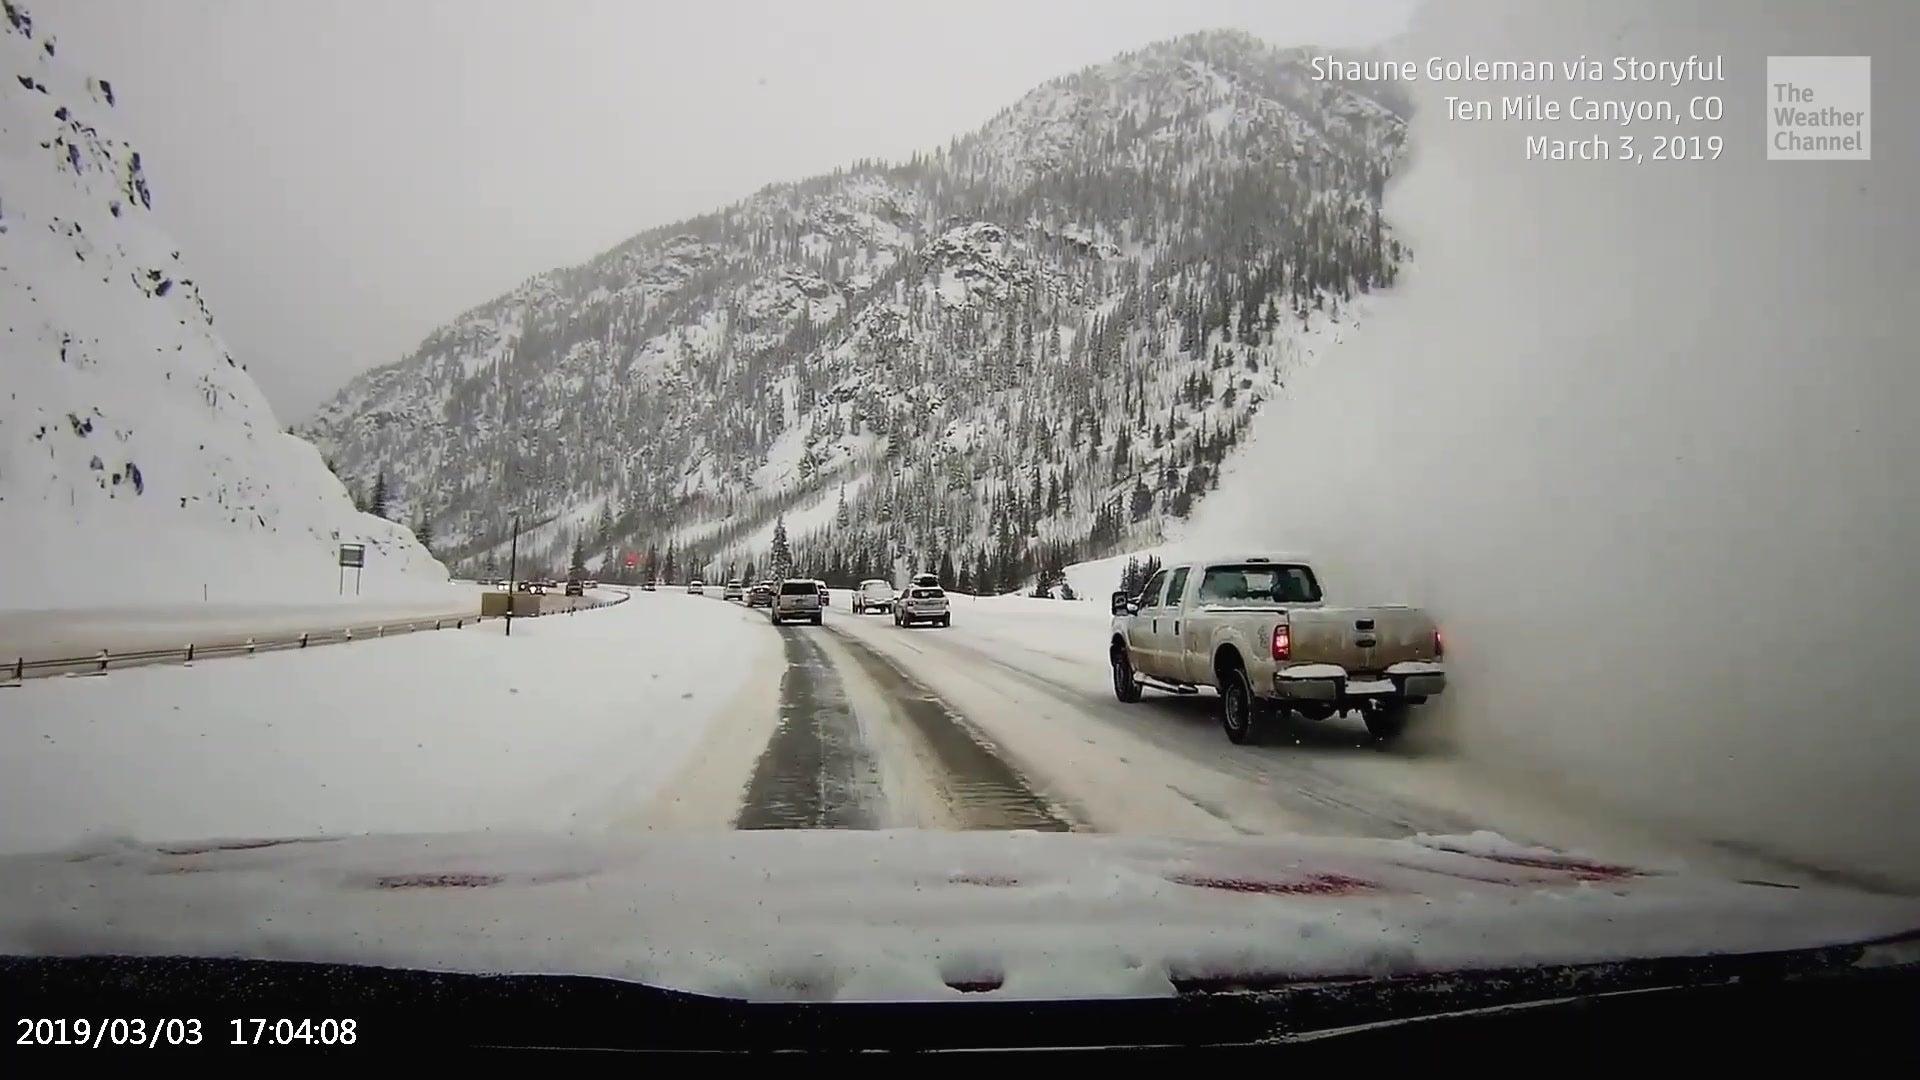 Lawine verschlingt Autobahn – Dashcam filmt die beängstigende Szene